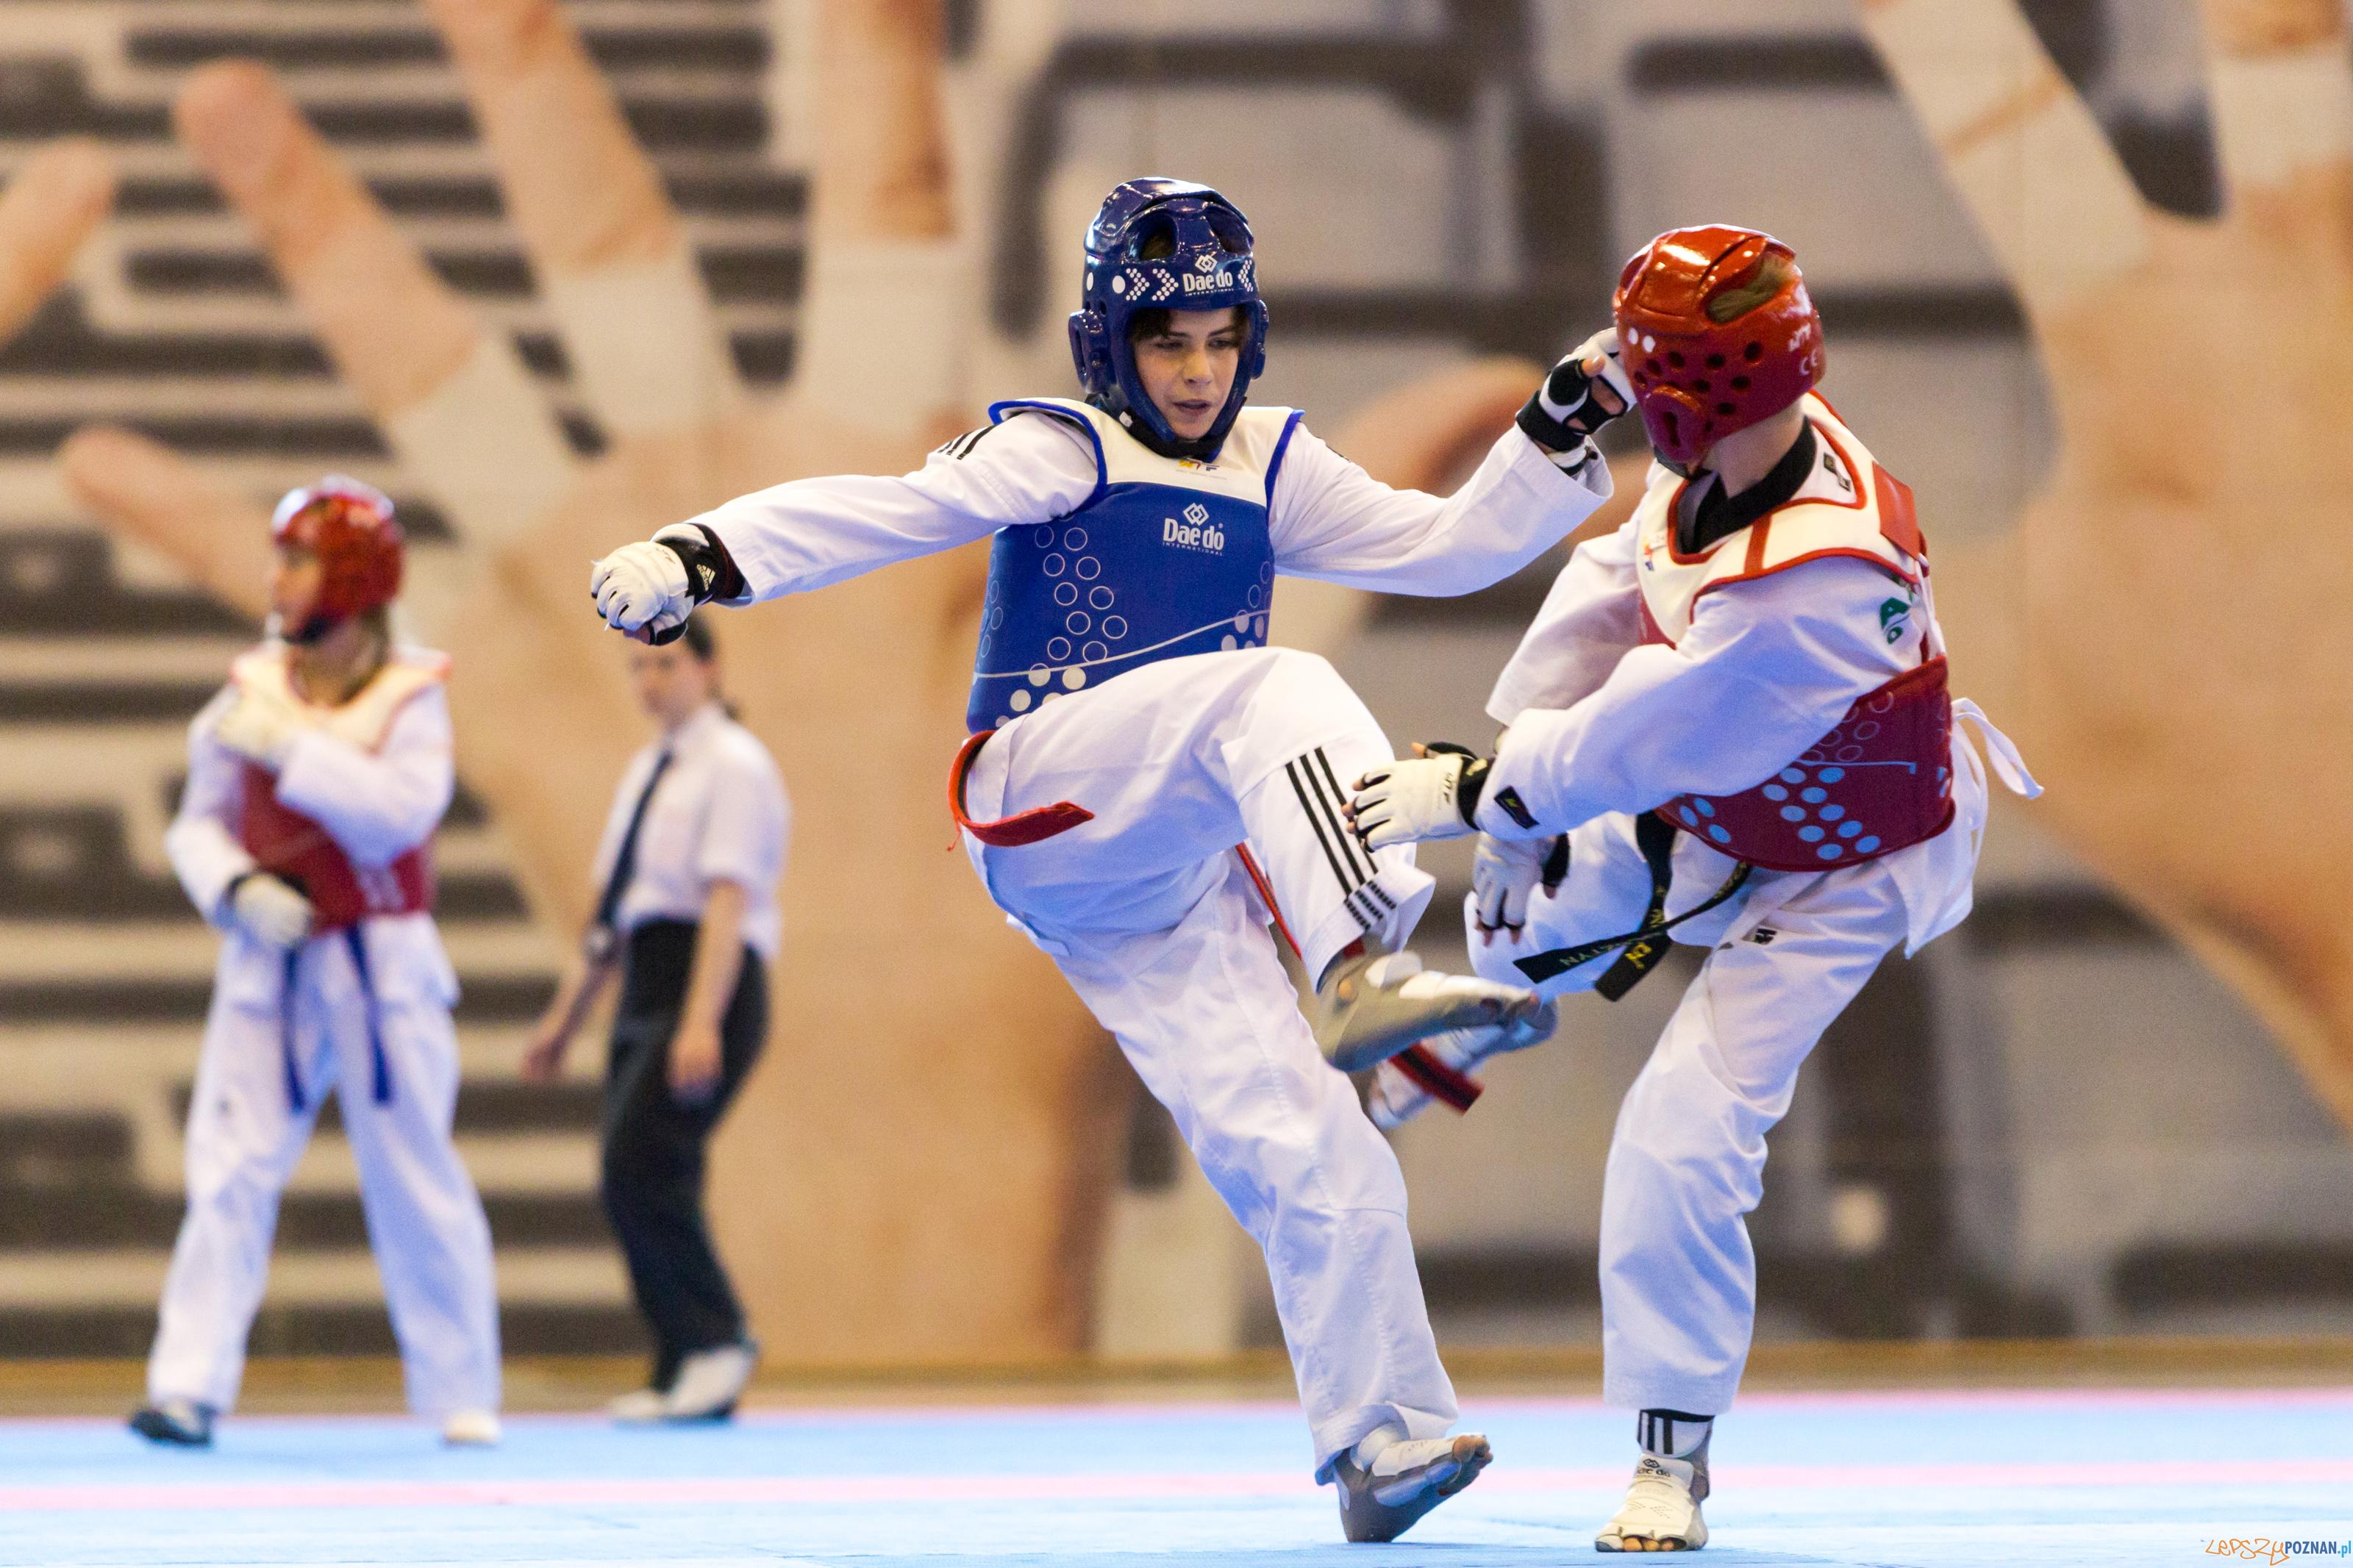 Ogólnopolskie Olimpiady Młodzieży -  Taekwondo  Foto: lepszyPOZNAN.pl/Piotr Rychter